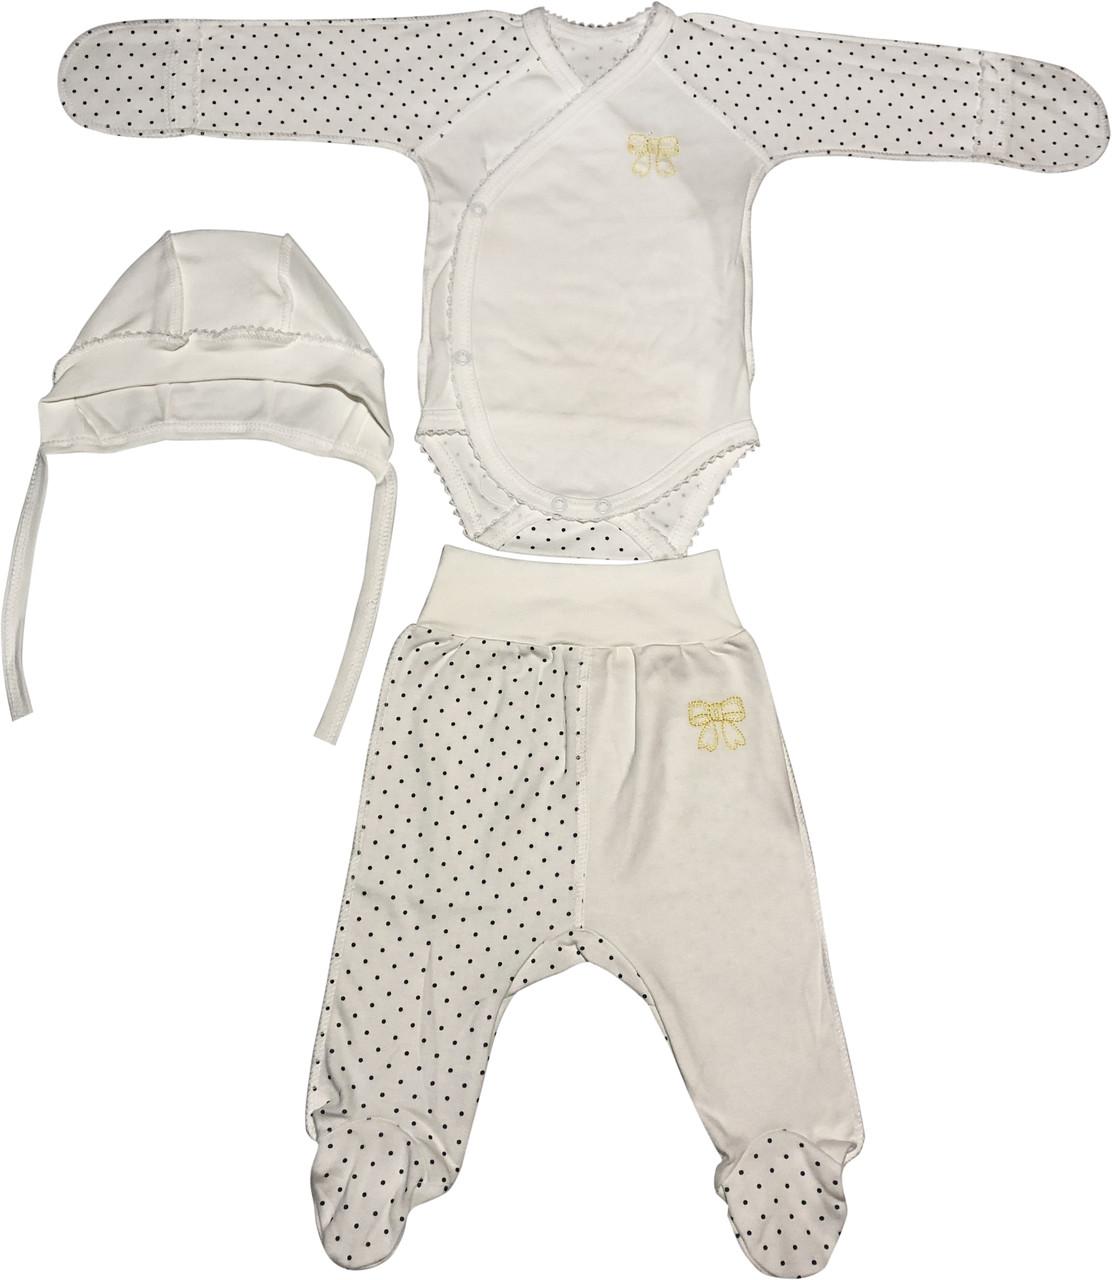 Детский костюм рост 62 2-3 мес трикотажный интерлок молочный костюмчик на мальчика девочку комплект для новорожденных малышей М983